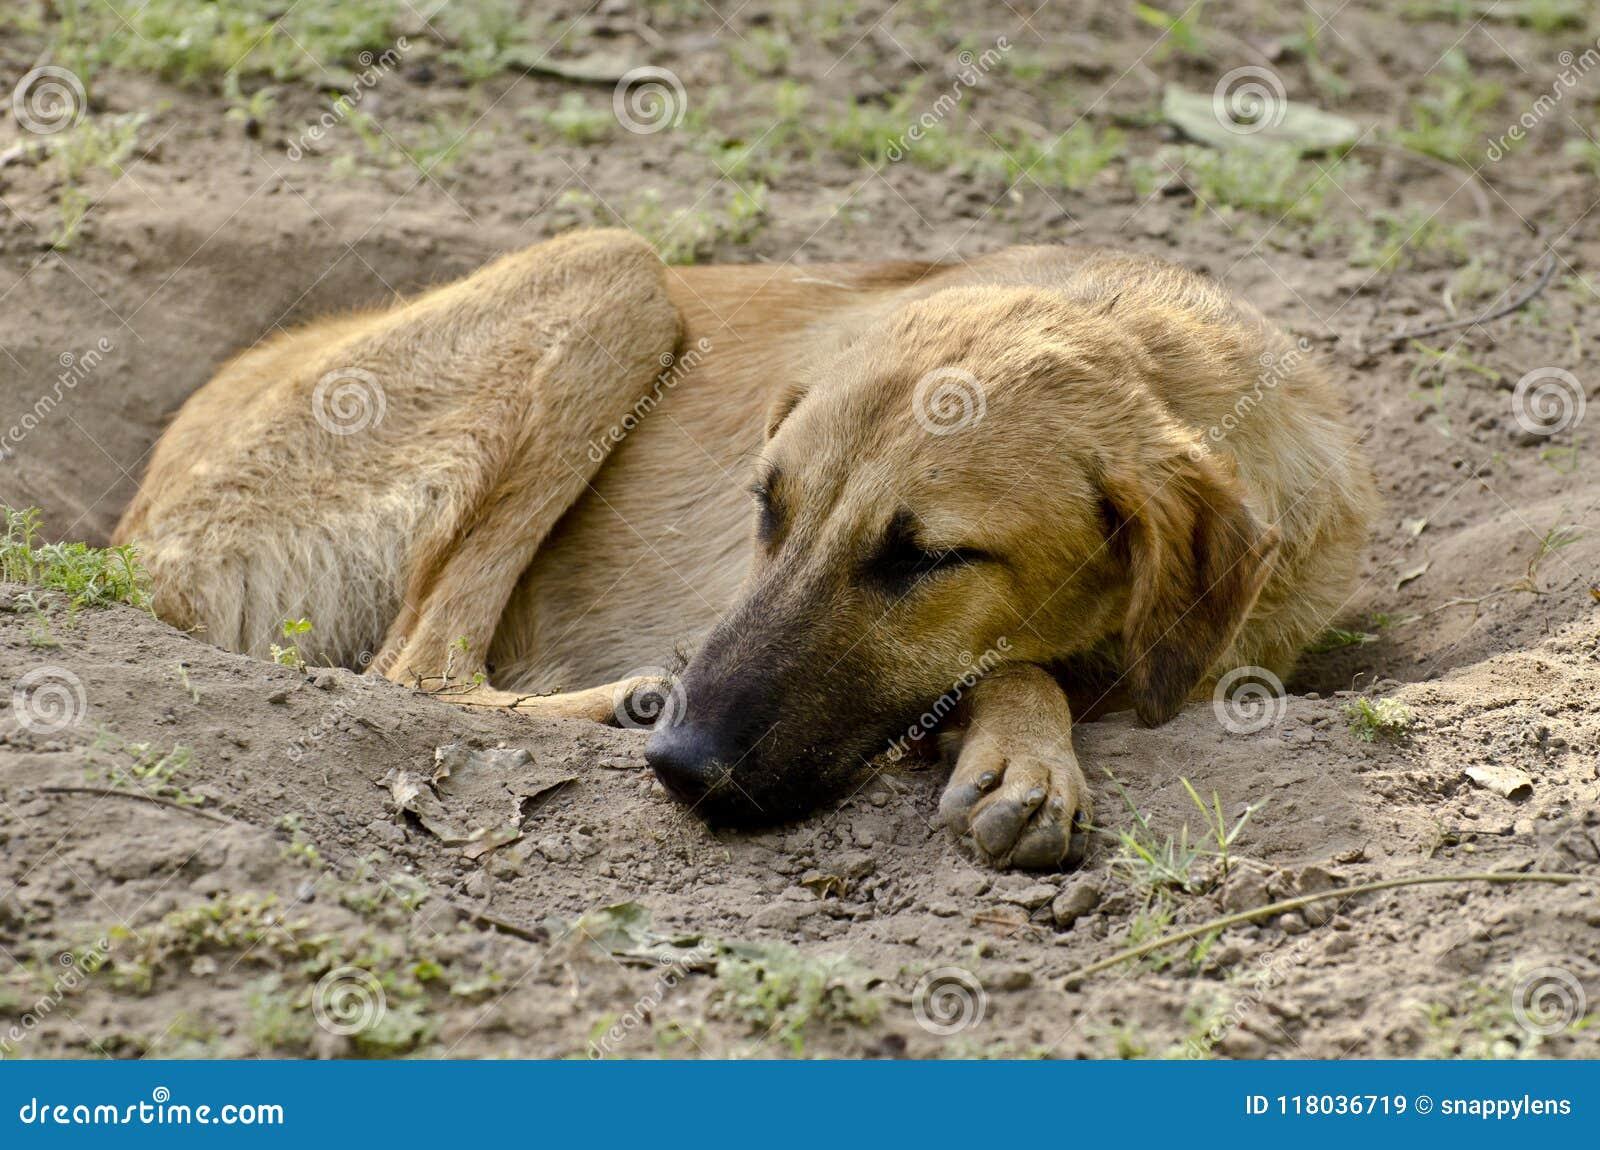 Ein streunender Hund, der ruhig in einem Abzugsgraben schläft